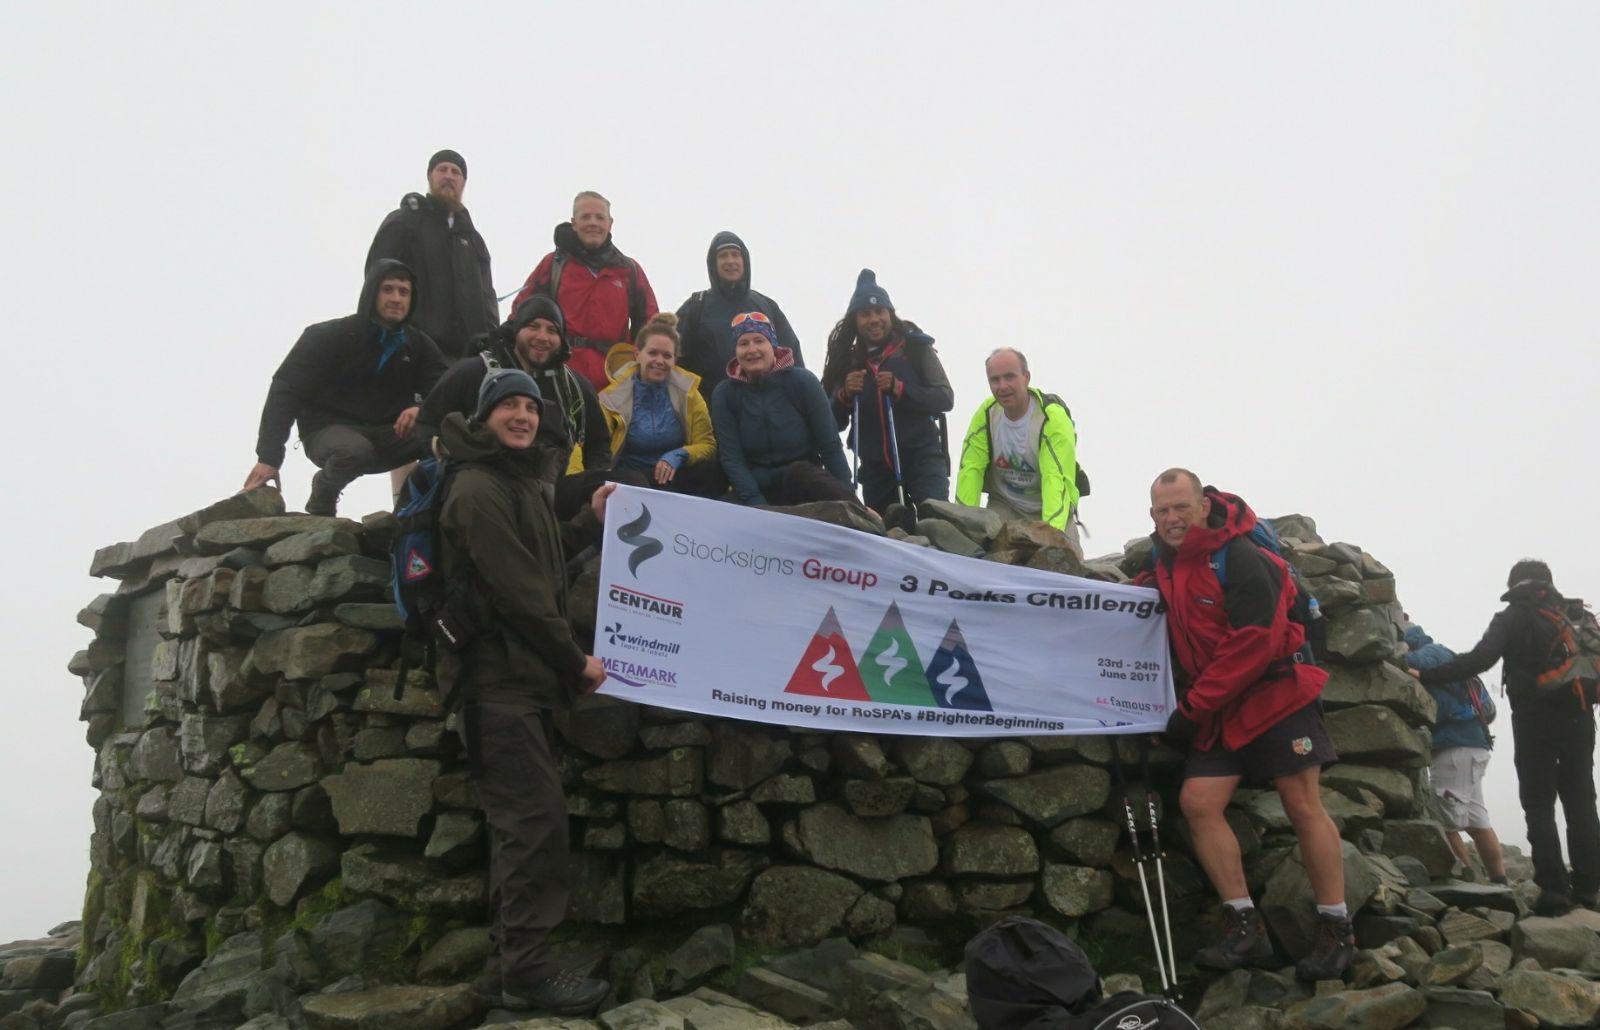 Scarfell Pike summit